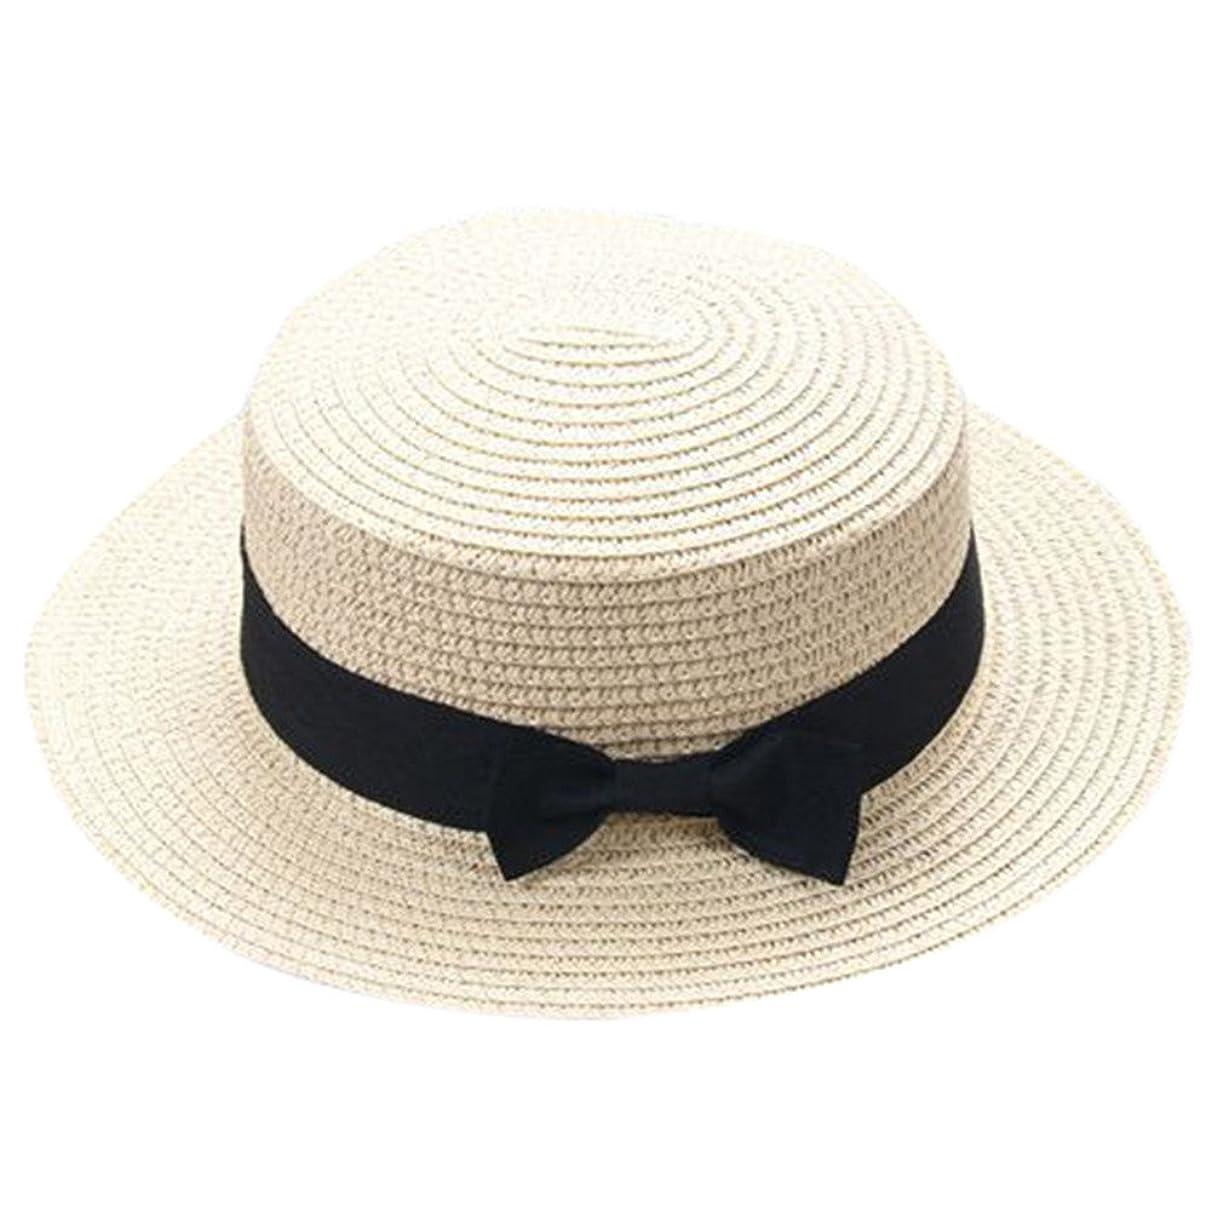 こどもの宮殿枯渇表示キャップ キッズ 日よけ 帽子 小顔効果抜群 旅行用 日よけ 夏 ビーチ 海辺 かわいい リゾート 紫外線対策 男女兼用 日焼け防止 熱中症予防 取り外すあご紐 つば広 おしゃれ 可愛い 夏 ROSE ROMAN